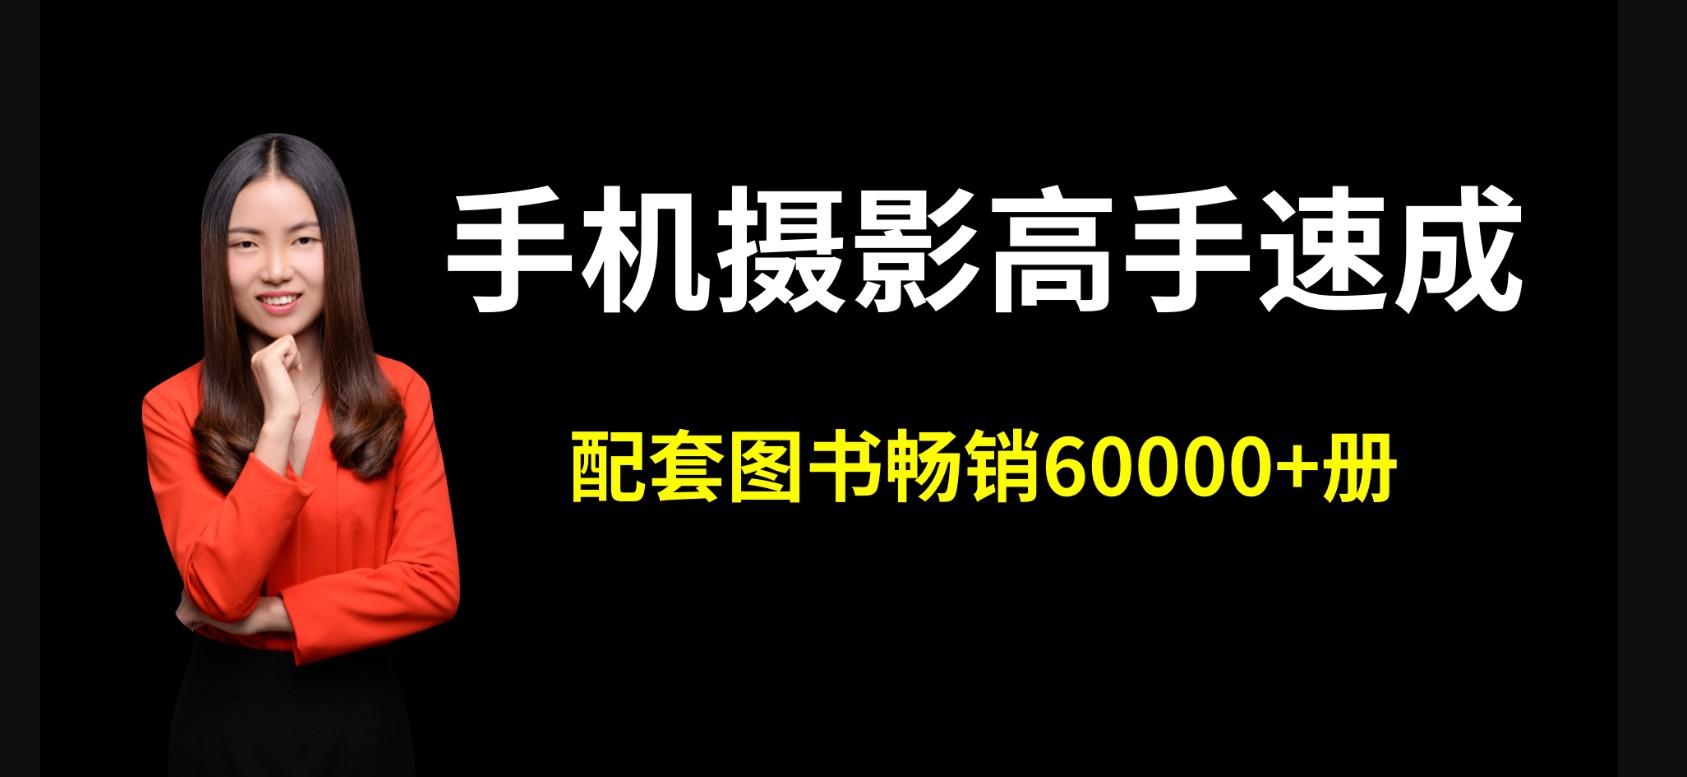 网易云课堂_手机摄影高手速成-精品王牌首选